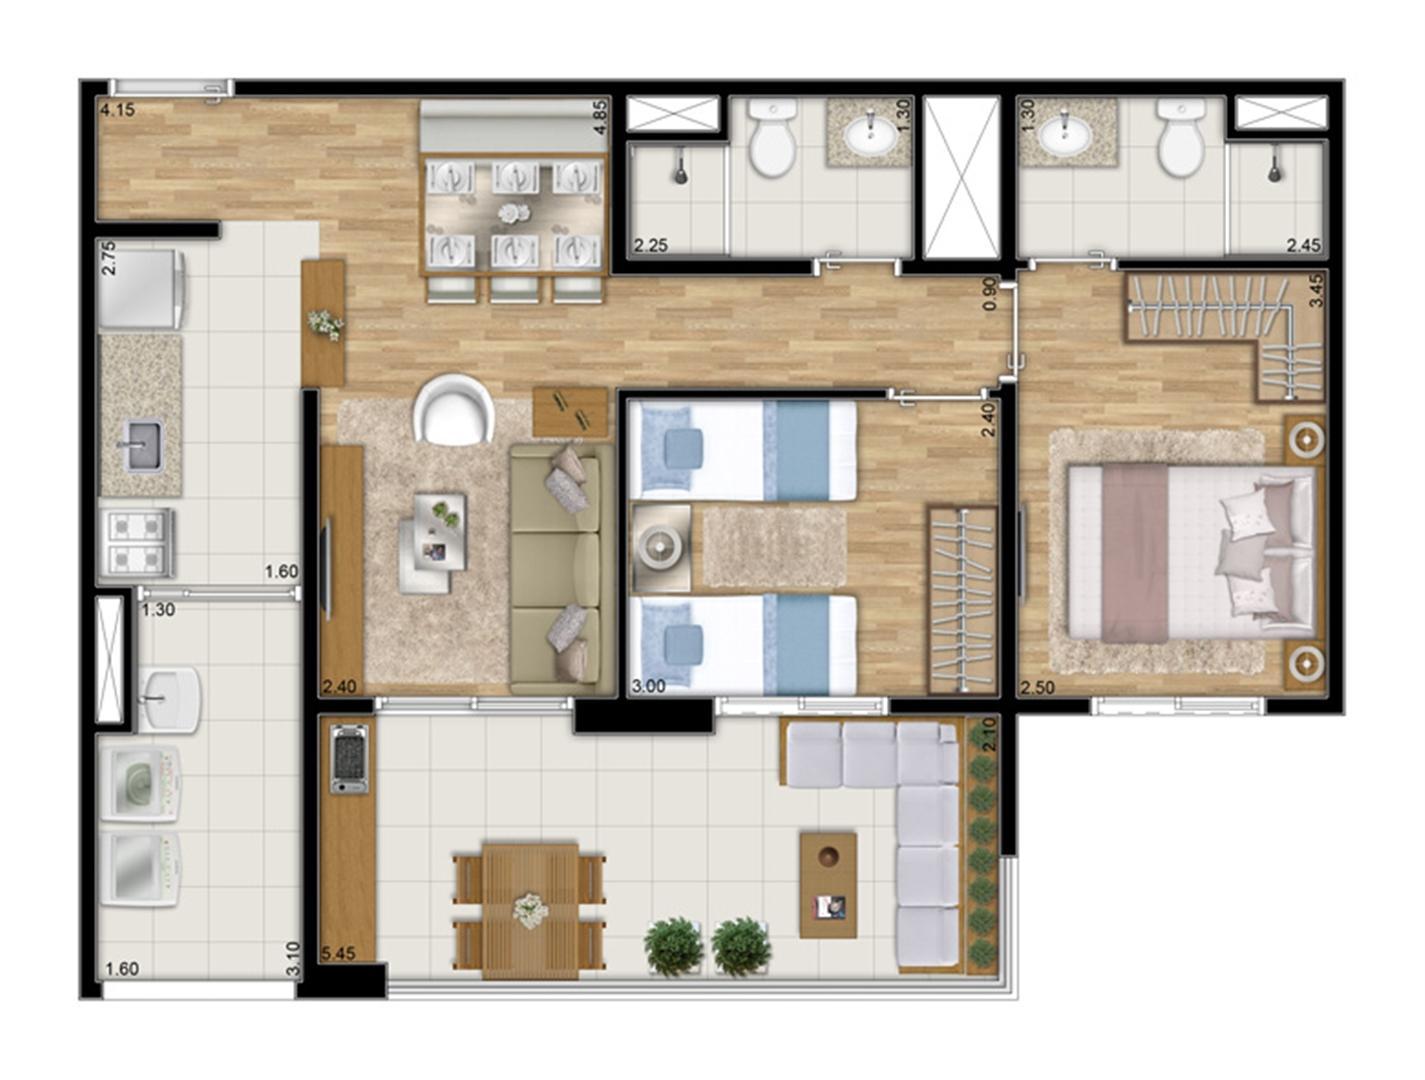 Planta tipo ilustrada do apartamento de 68 m² privativos - 2 dorms. c 1 suíte | Varanda Ipiranga – Apartamento no  Ipiranga - São Paulo - São Paulo